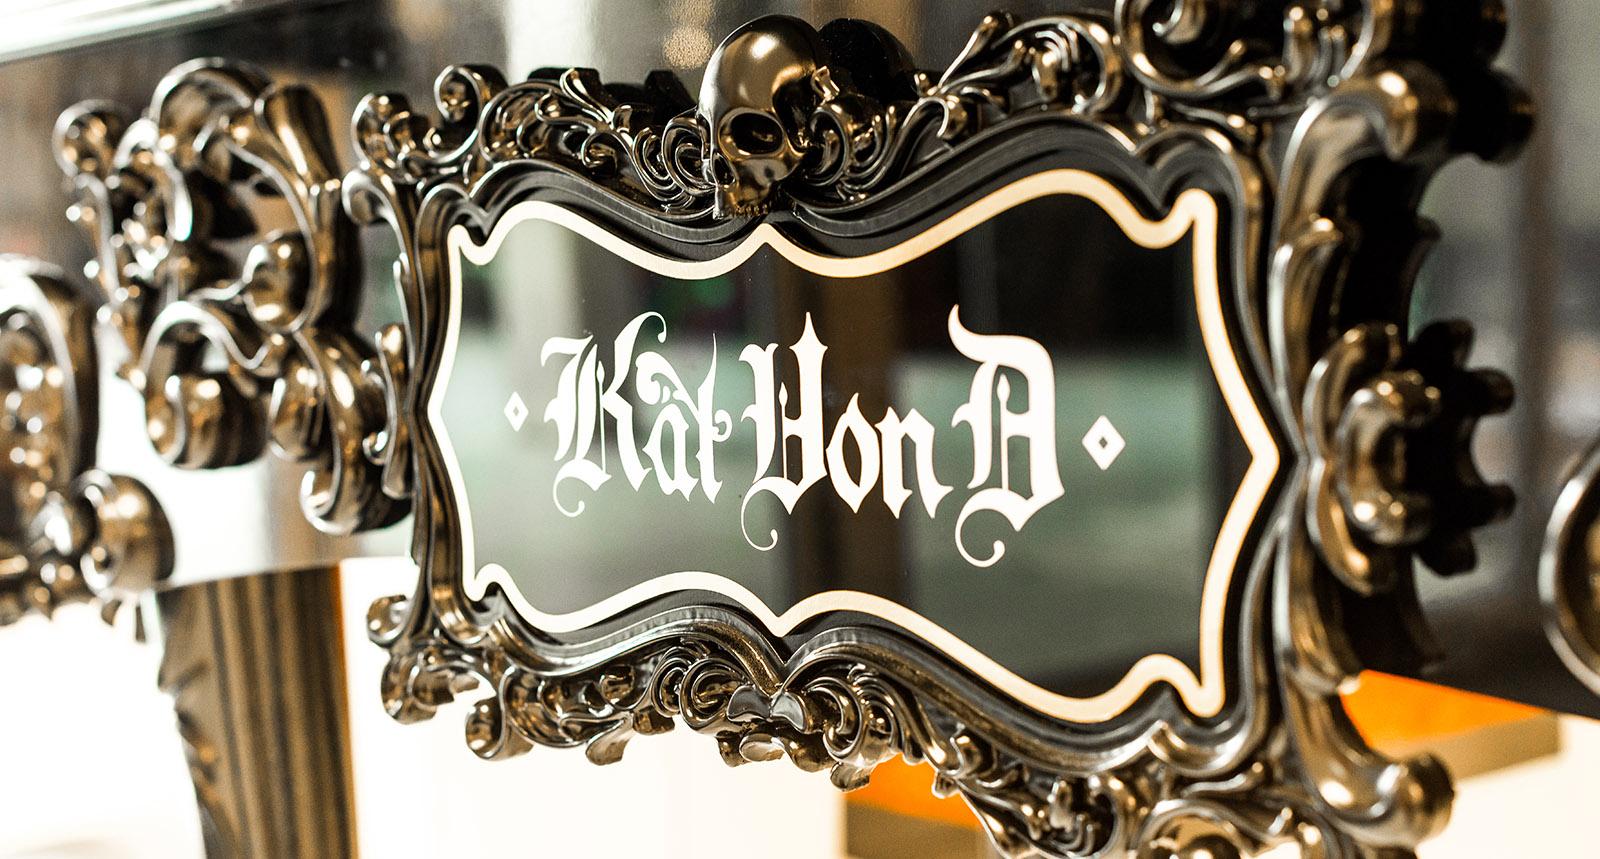 Kat Von D Sign